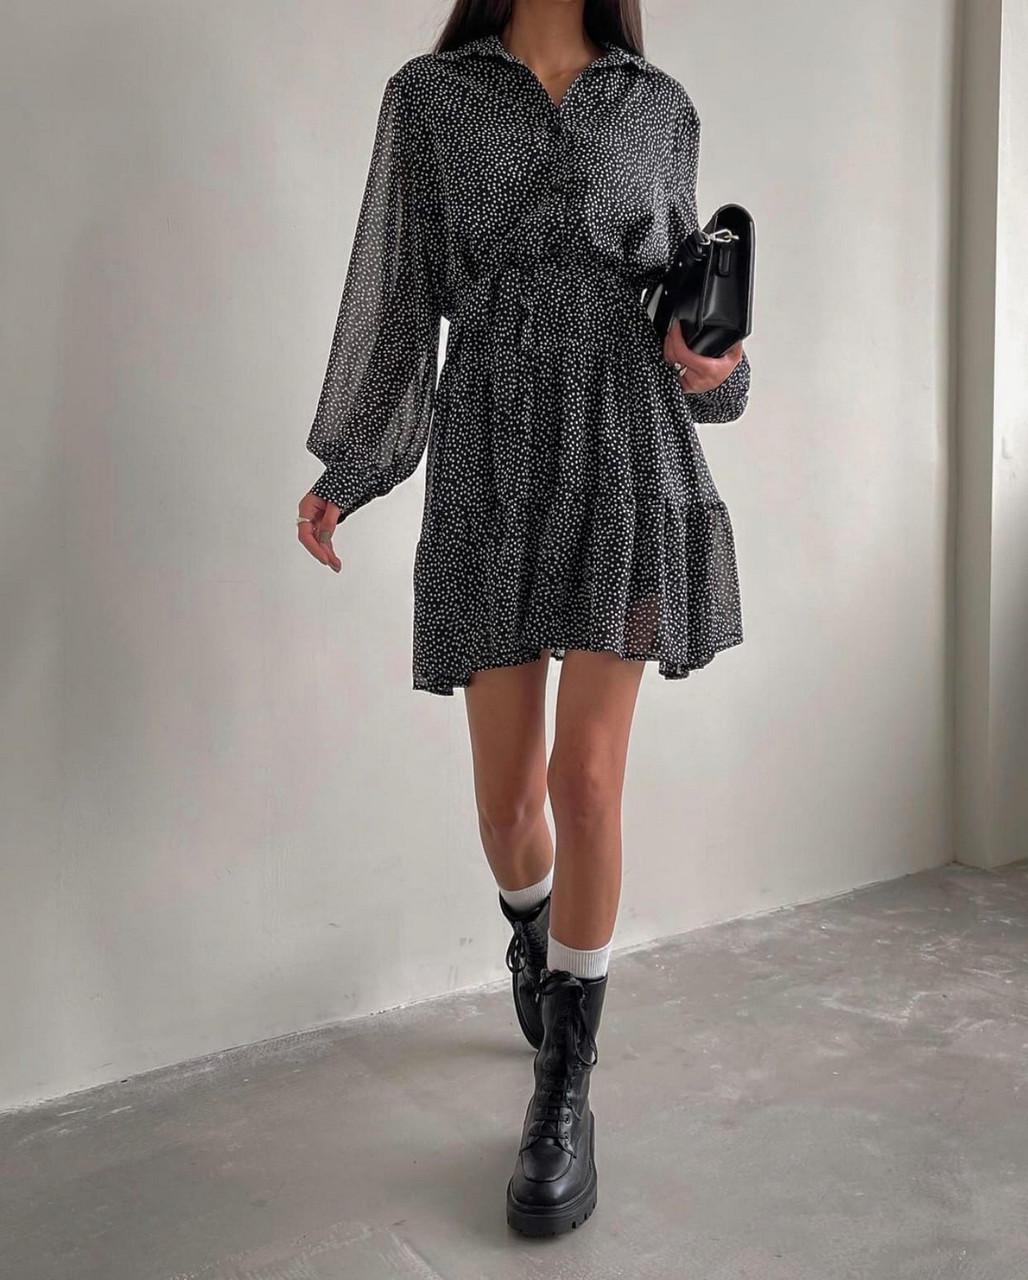 Ультрамодне легке плаття з довгим рукавом і воланом знизу, 00861 (Чорно-білий), Розмір 44 (M)